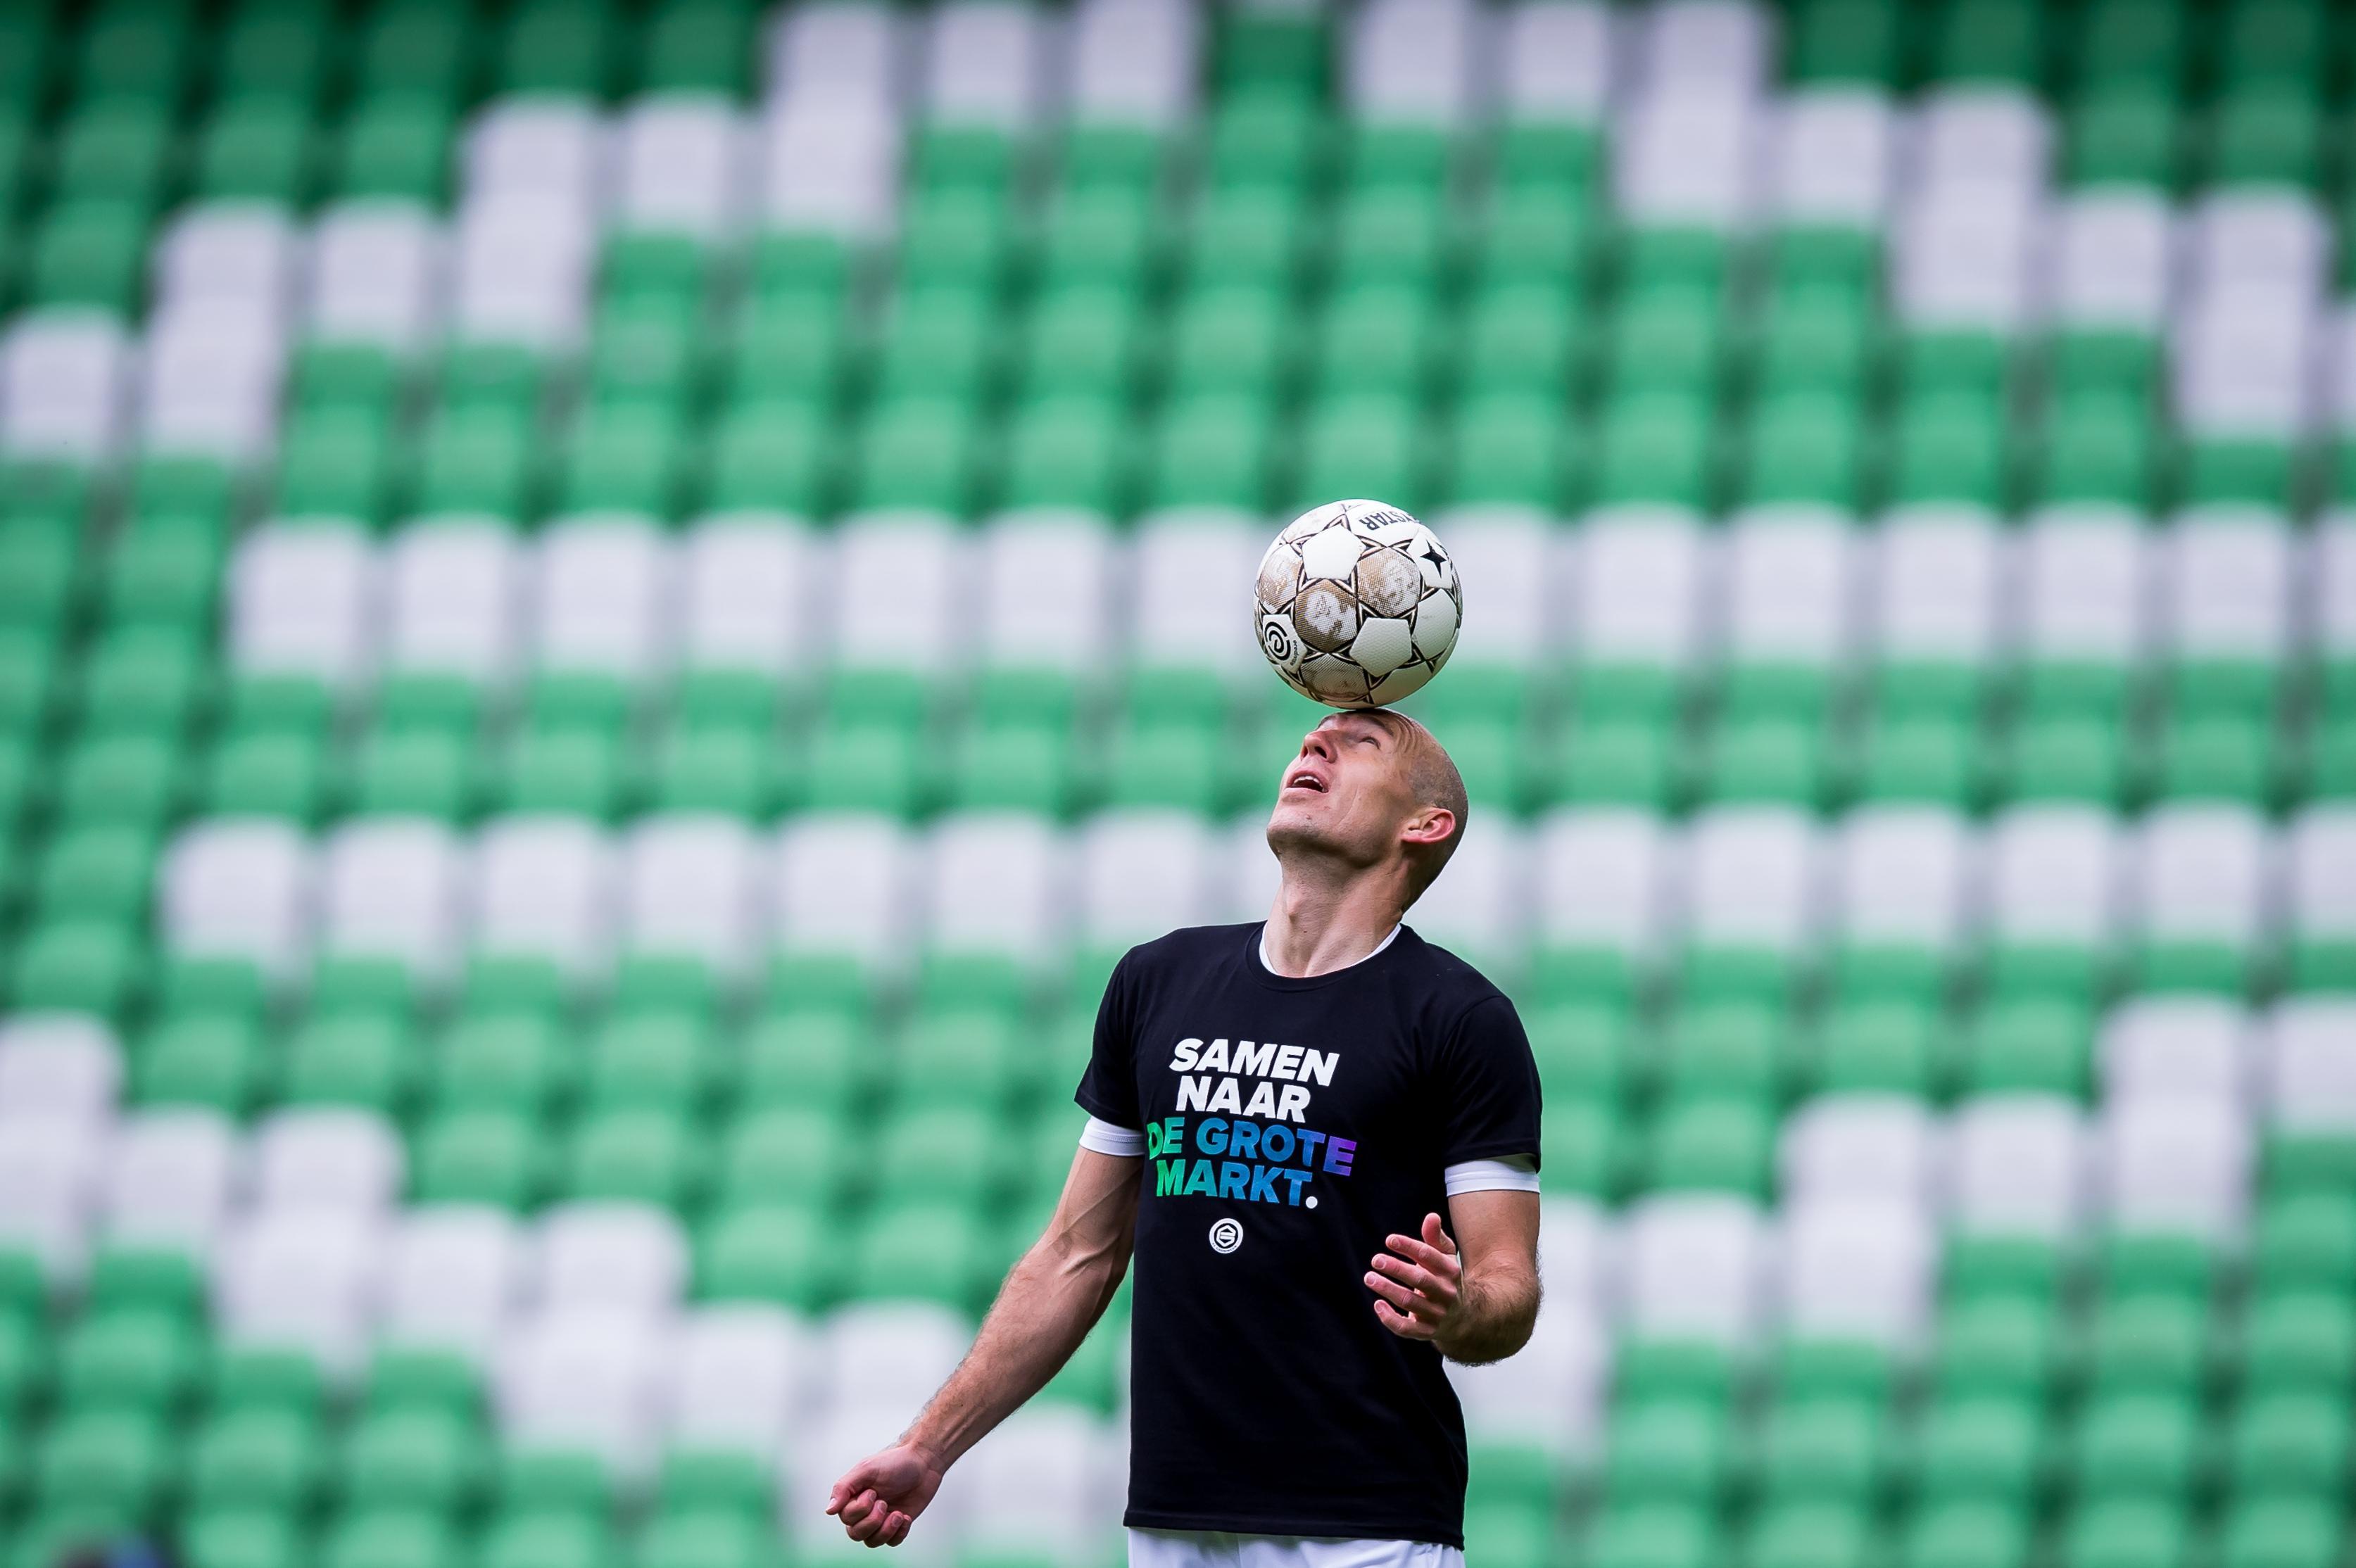 Zelfs bij AZ hopen ze op Arjen Robben: 'Hij is de liefhebber die we allemaal graag zien'